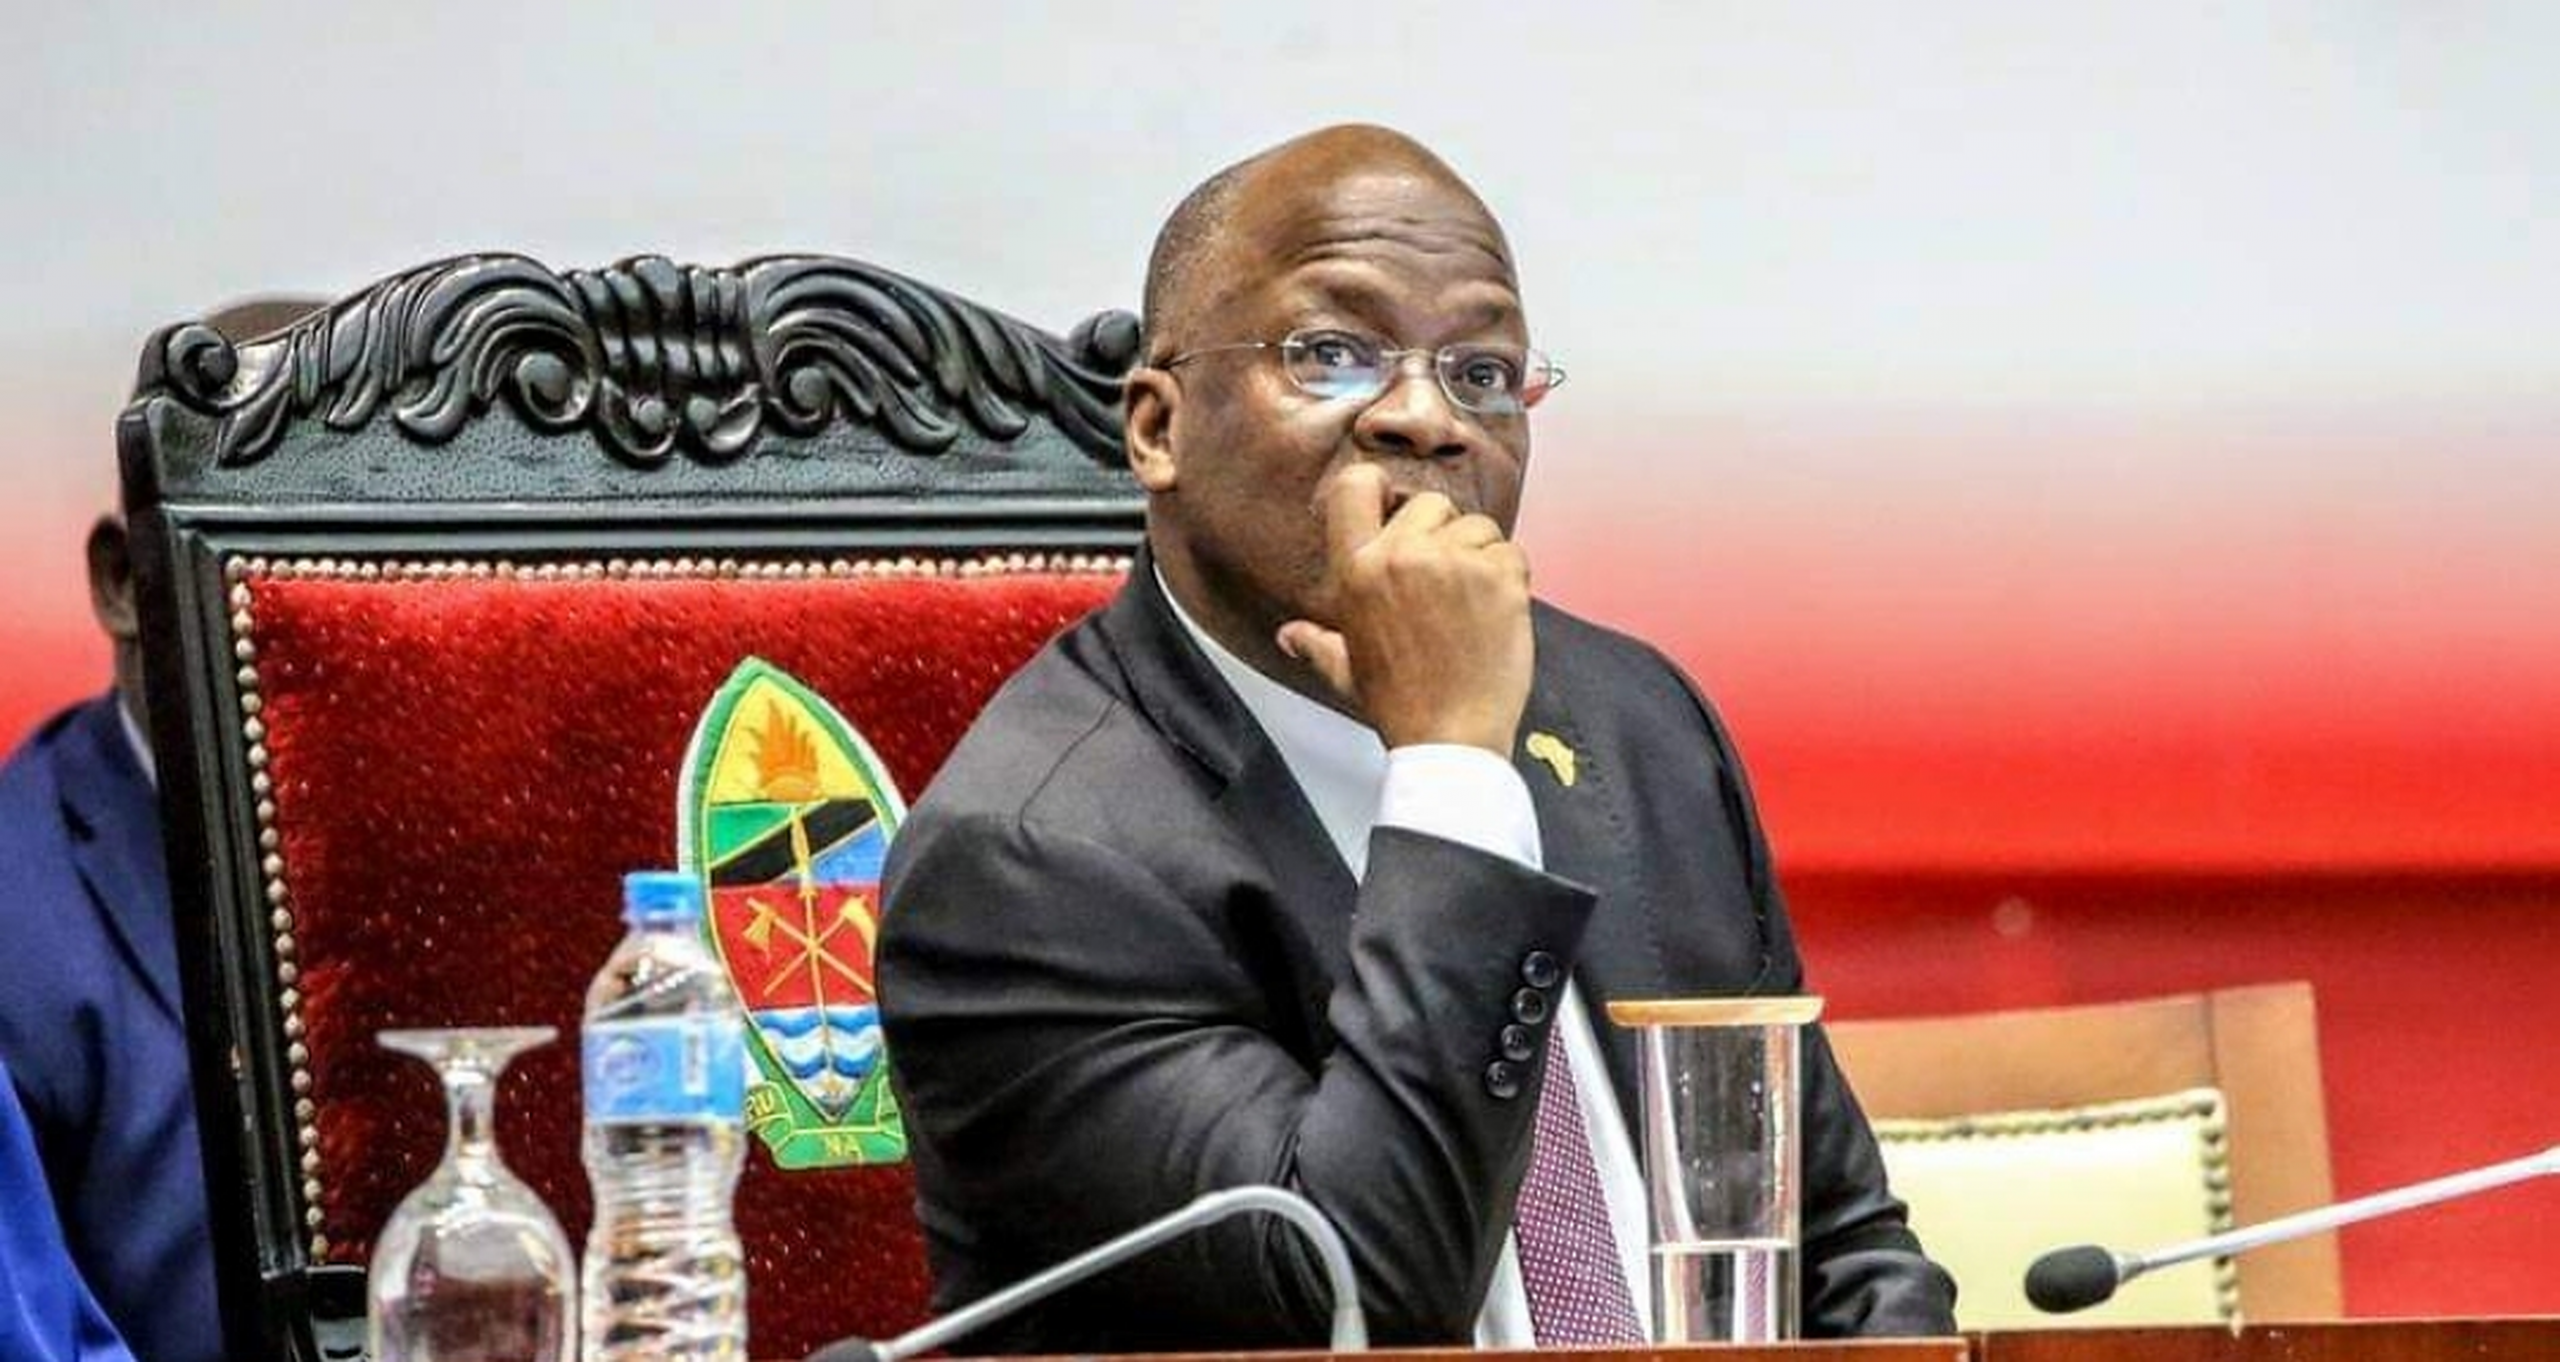 A murit preşedintele Tanzaniei, John Magufuli. Liderul de 61 de ani nu credea în Covid şi țara nu mai raporta cazuri din aprilie 2020